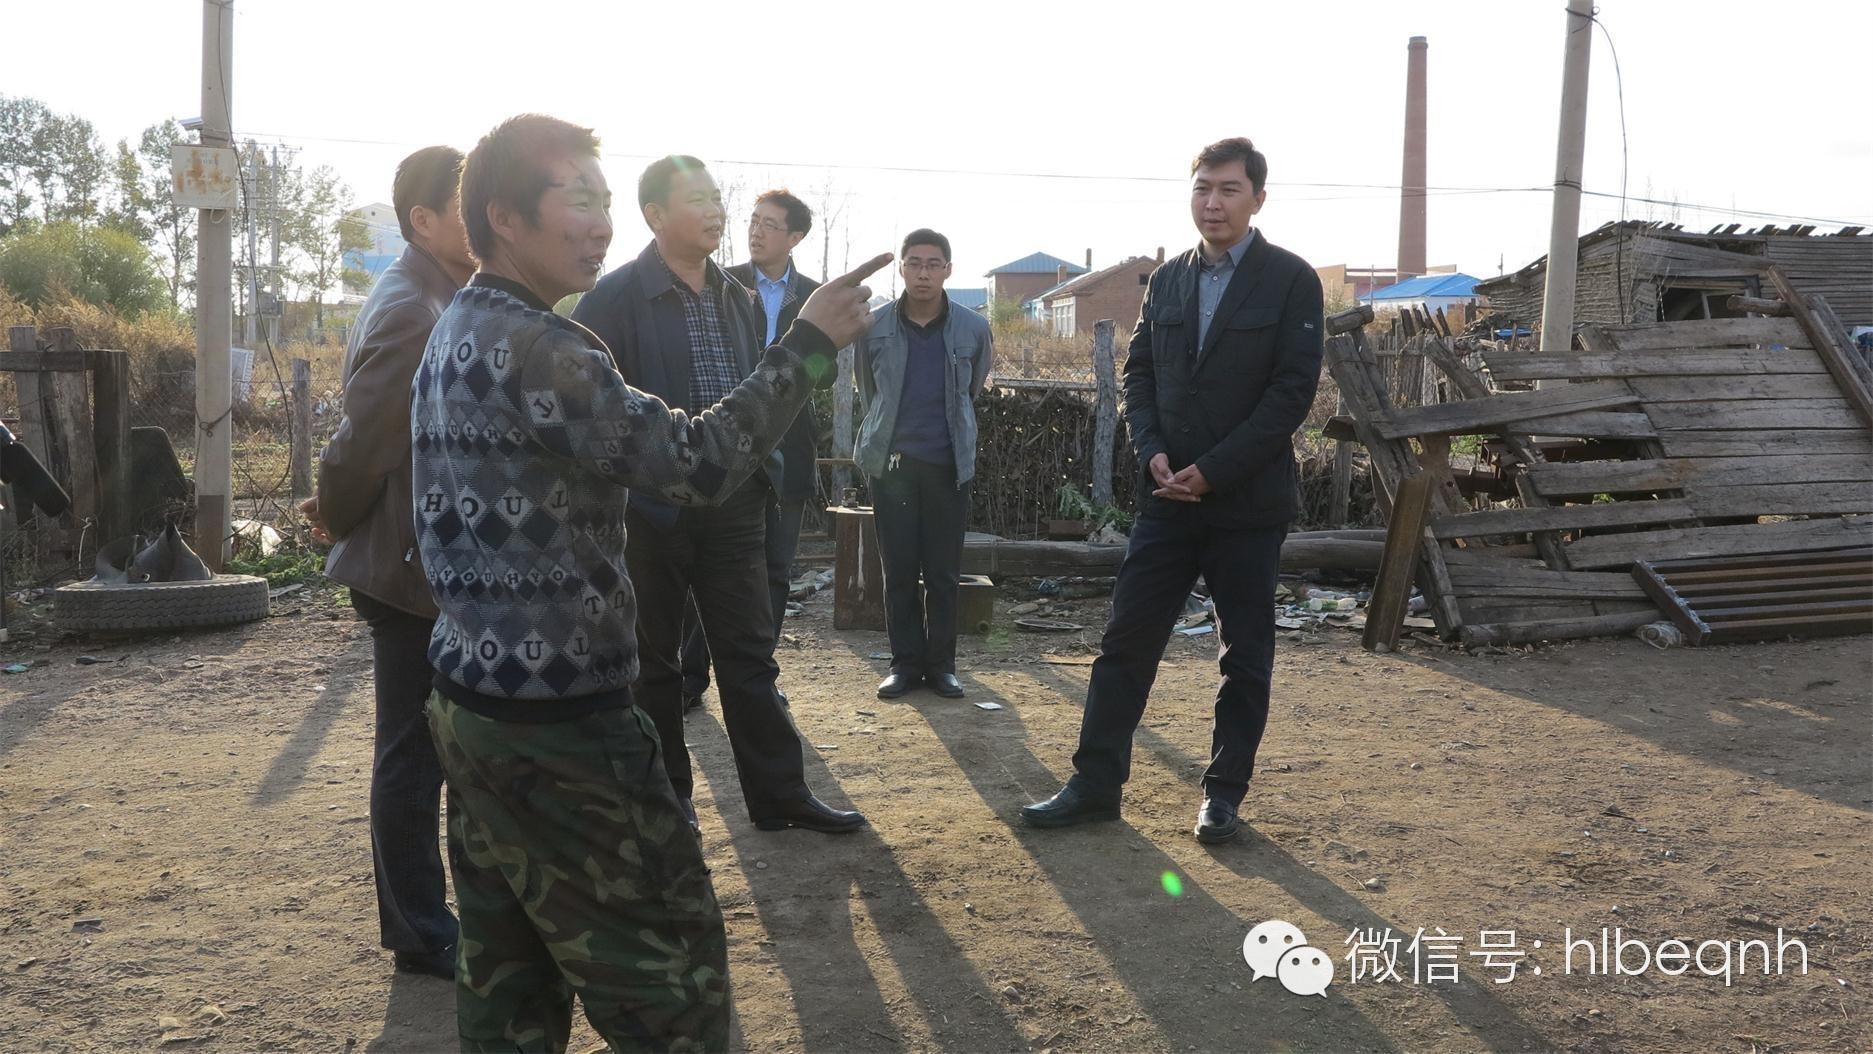 在调研内蒙古自治区呼伦贝尔市鄂伦春自治旗大杨树镇